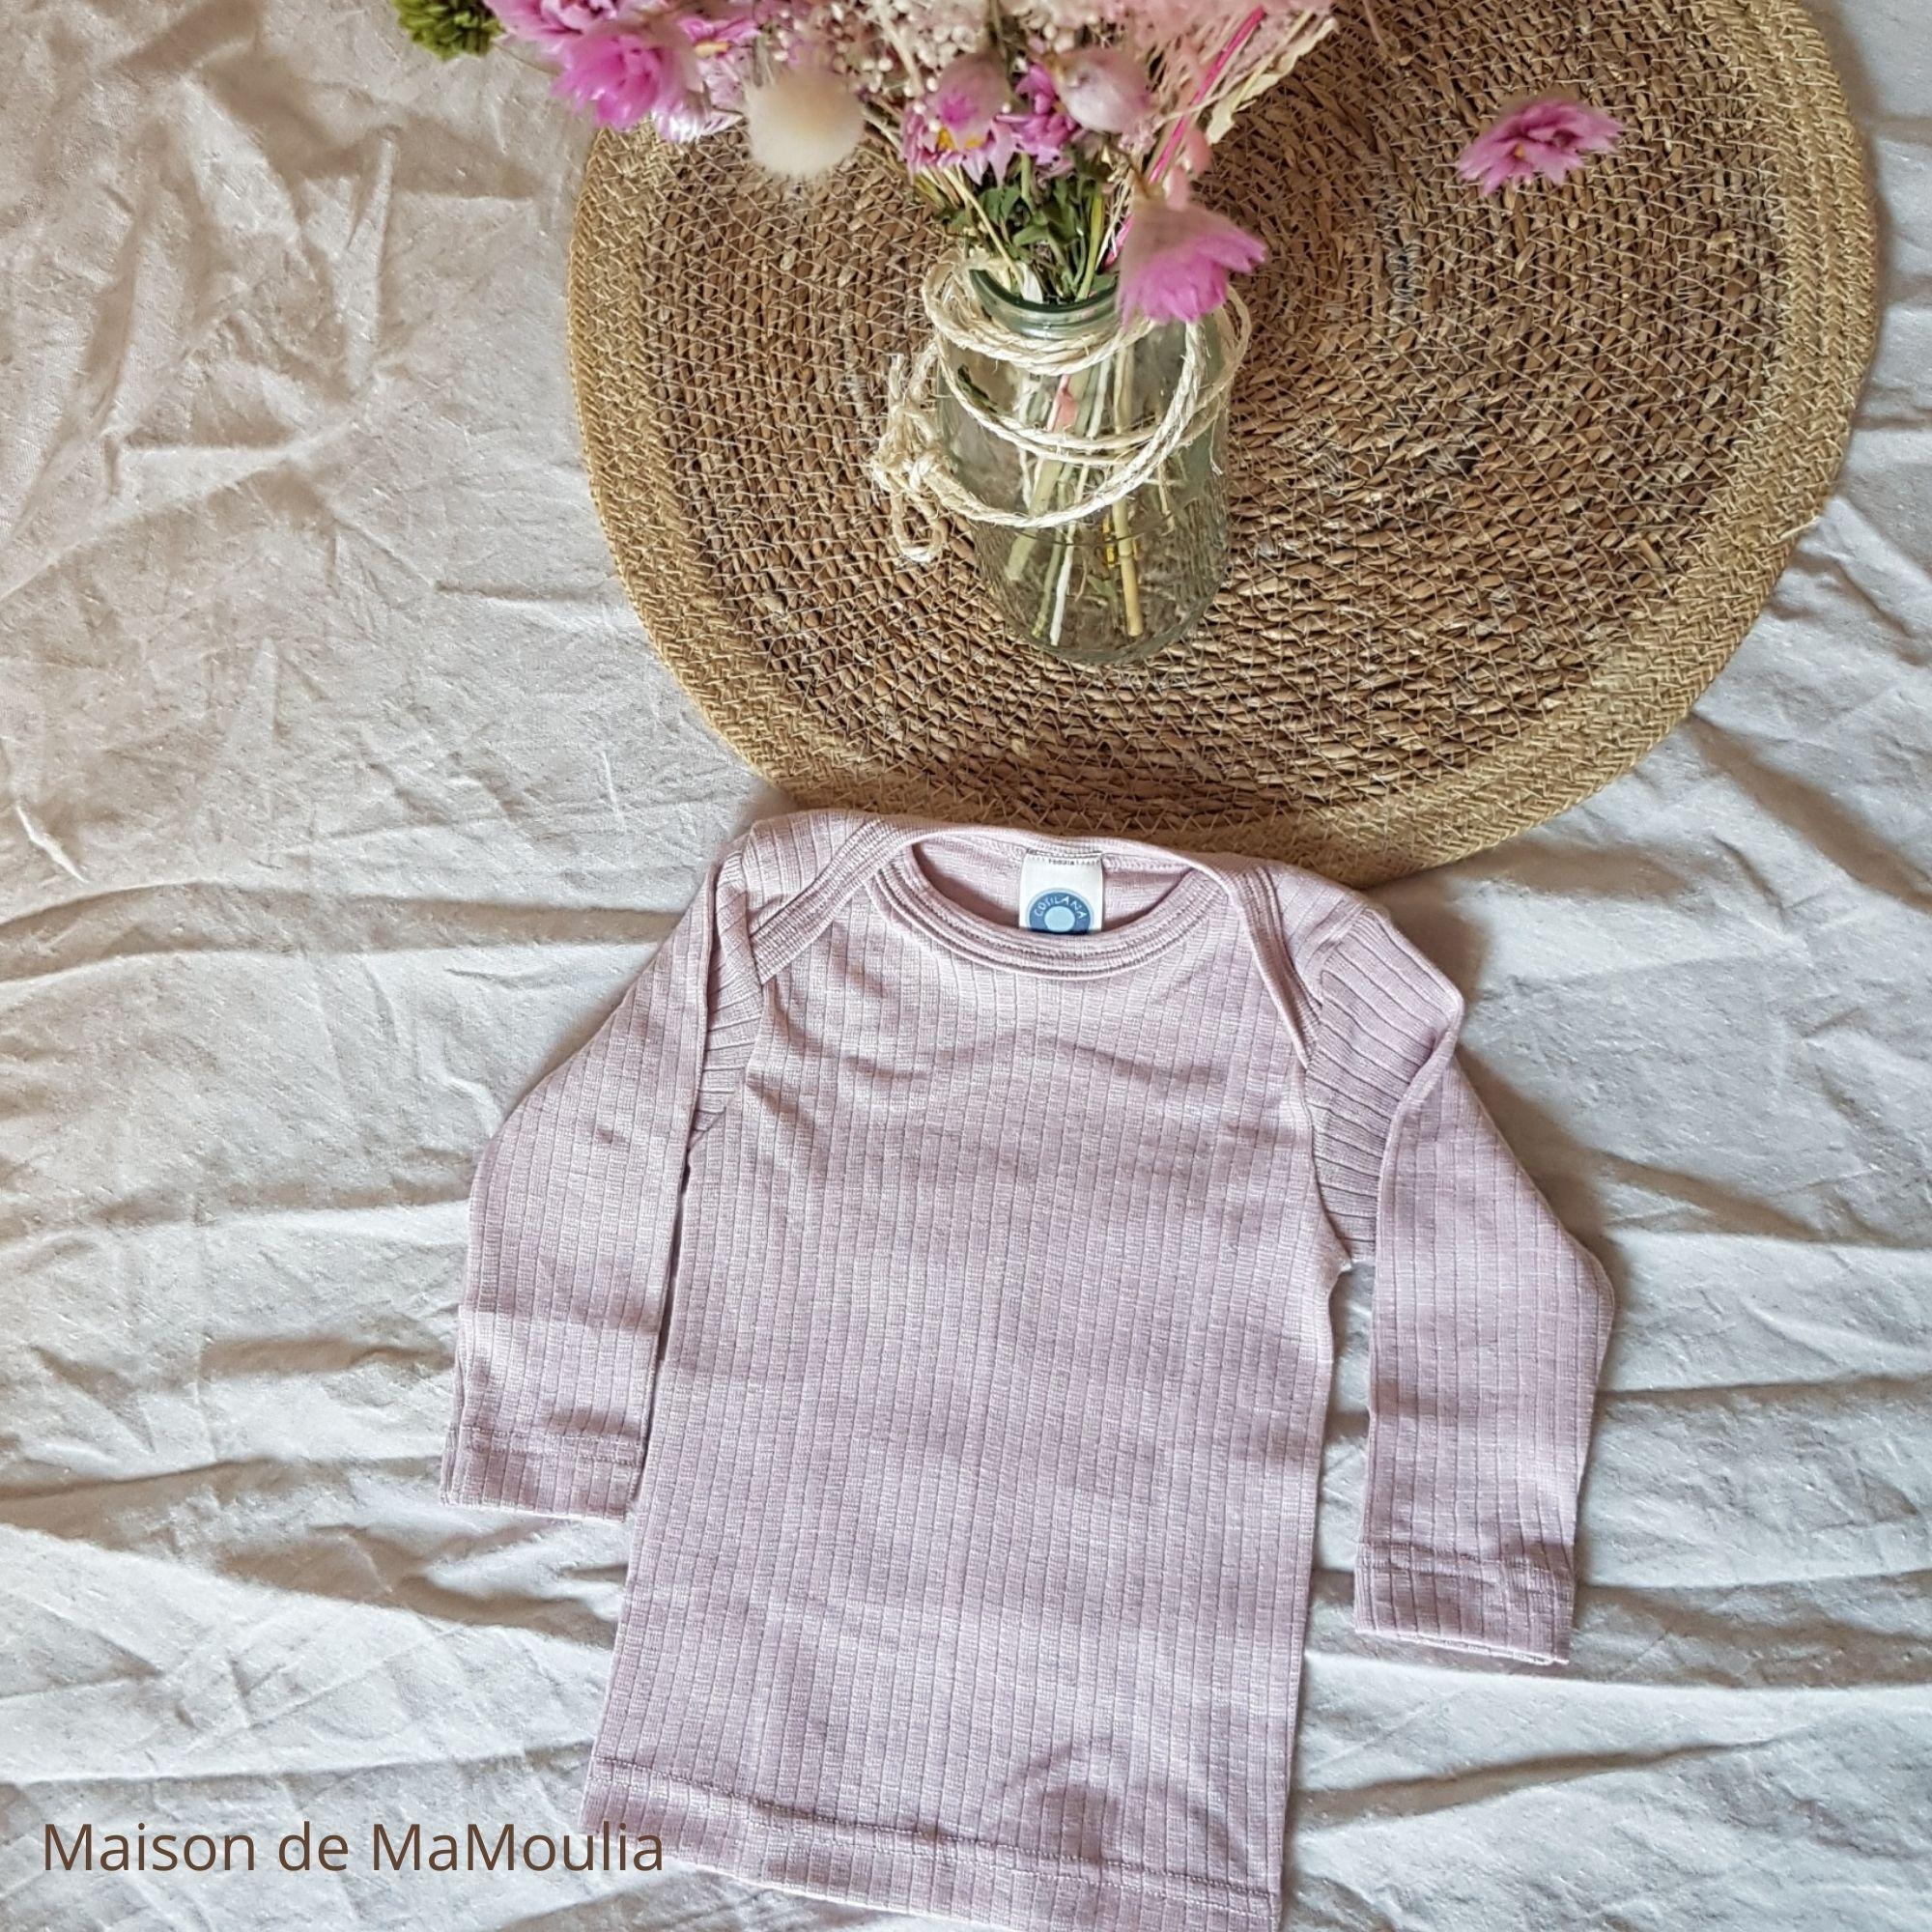 COSILANA - T-shirt manches longues - bébé et enfant - Laine/Soie/Coton bio, Rose pale